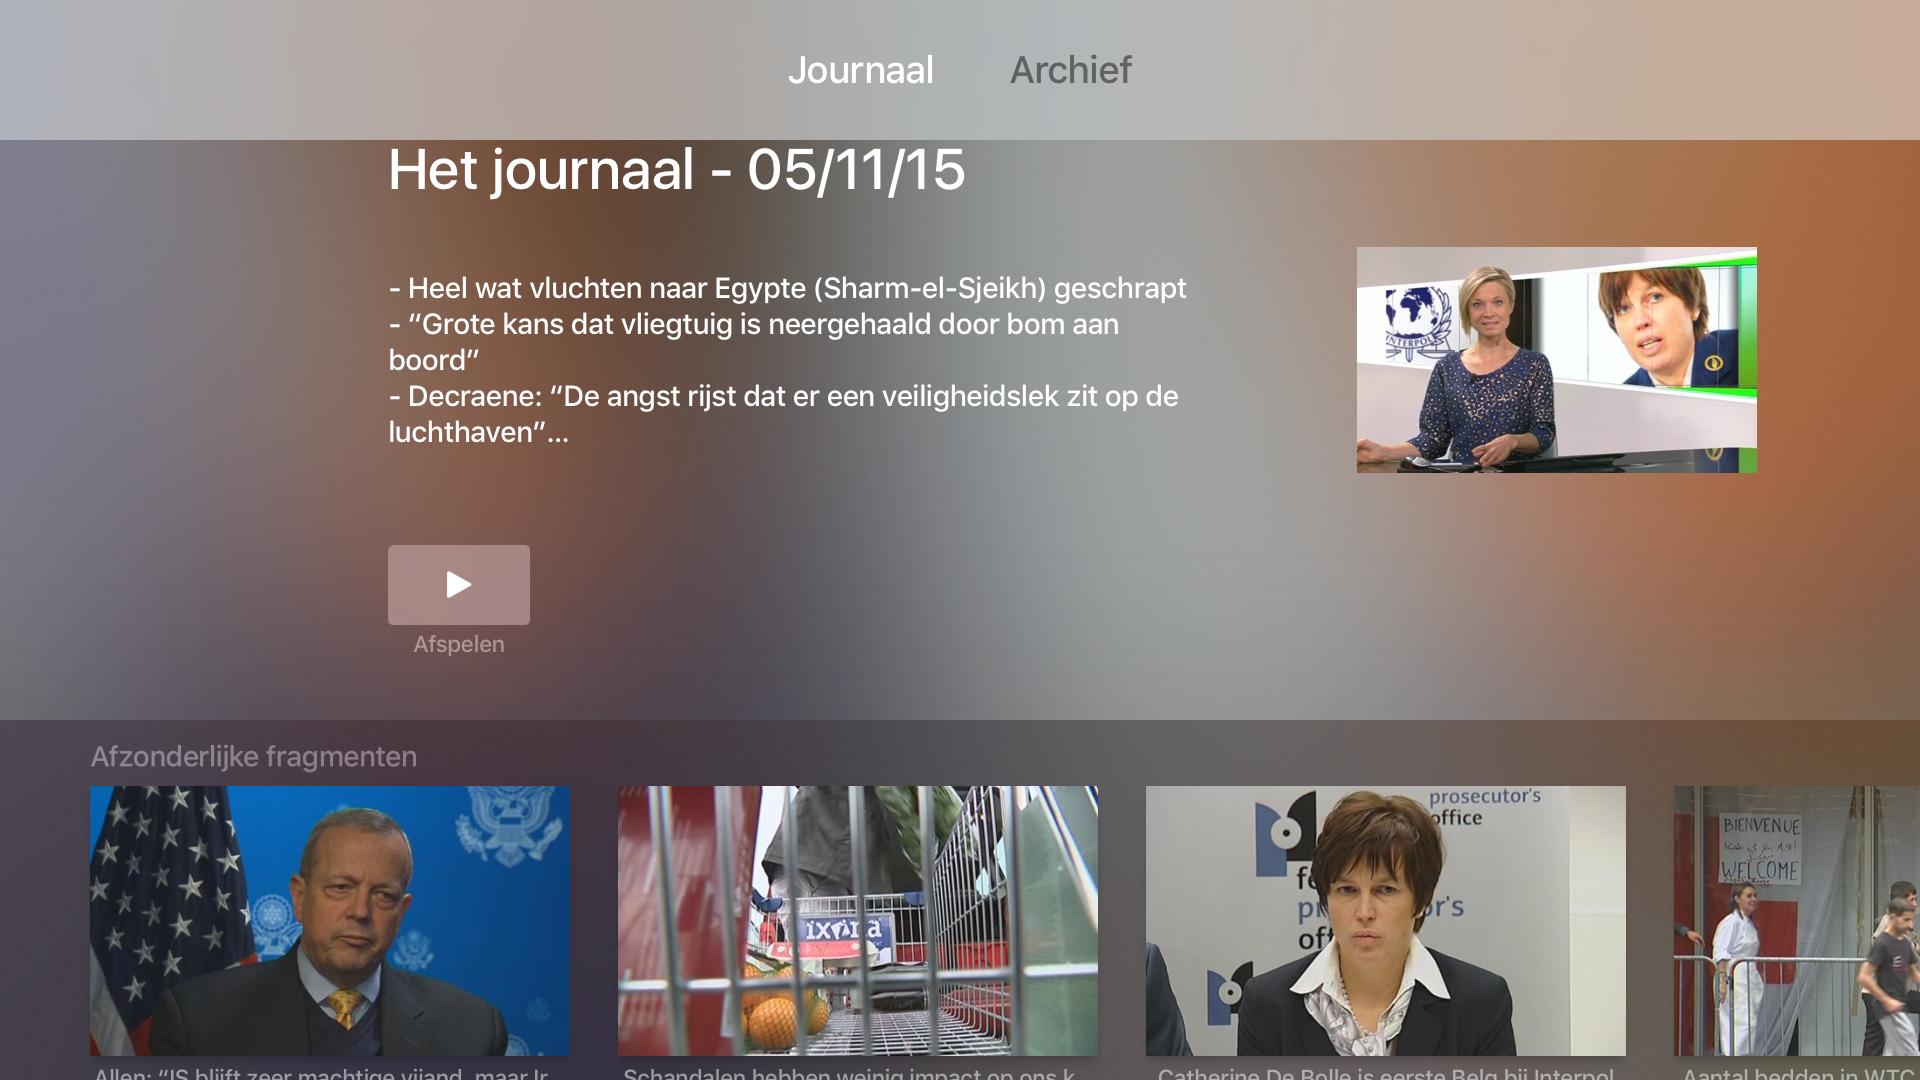 journaal-actueel